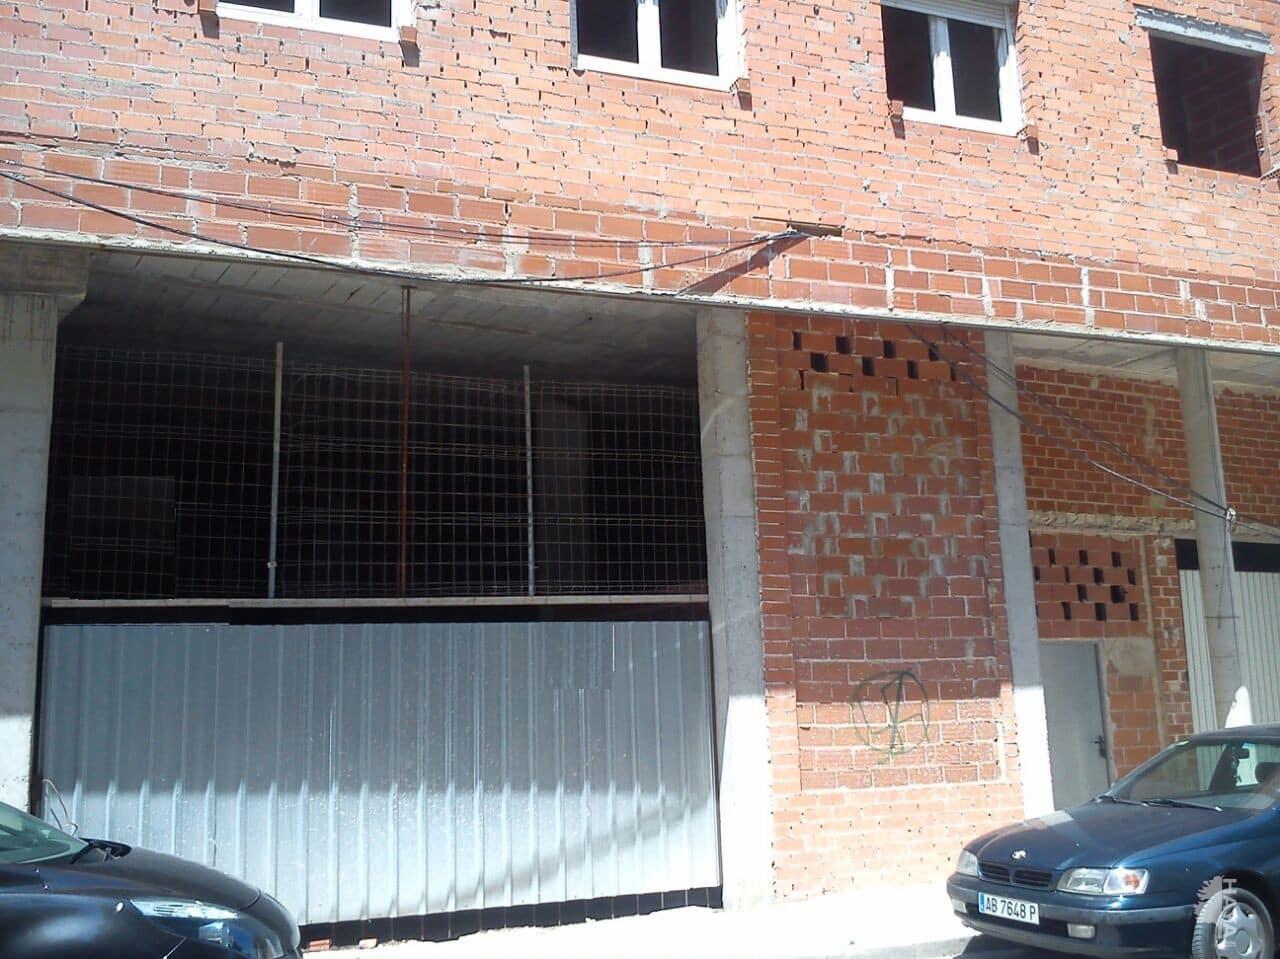 Piso en venta en La Roda, Albacete, Calle Juan Garcia Glz, 41.600 €, 1 habitación, 1 baño, 102 m2